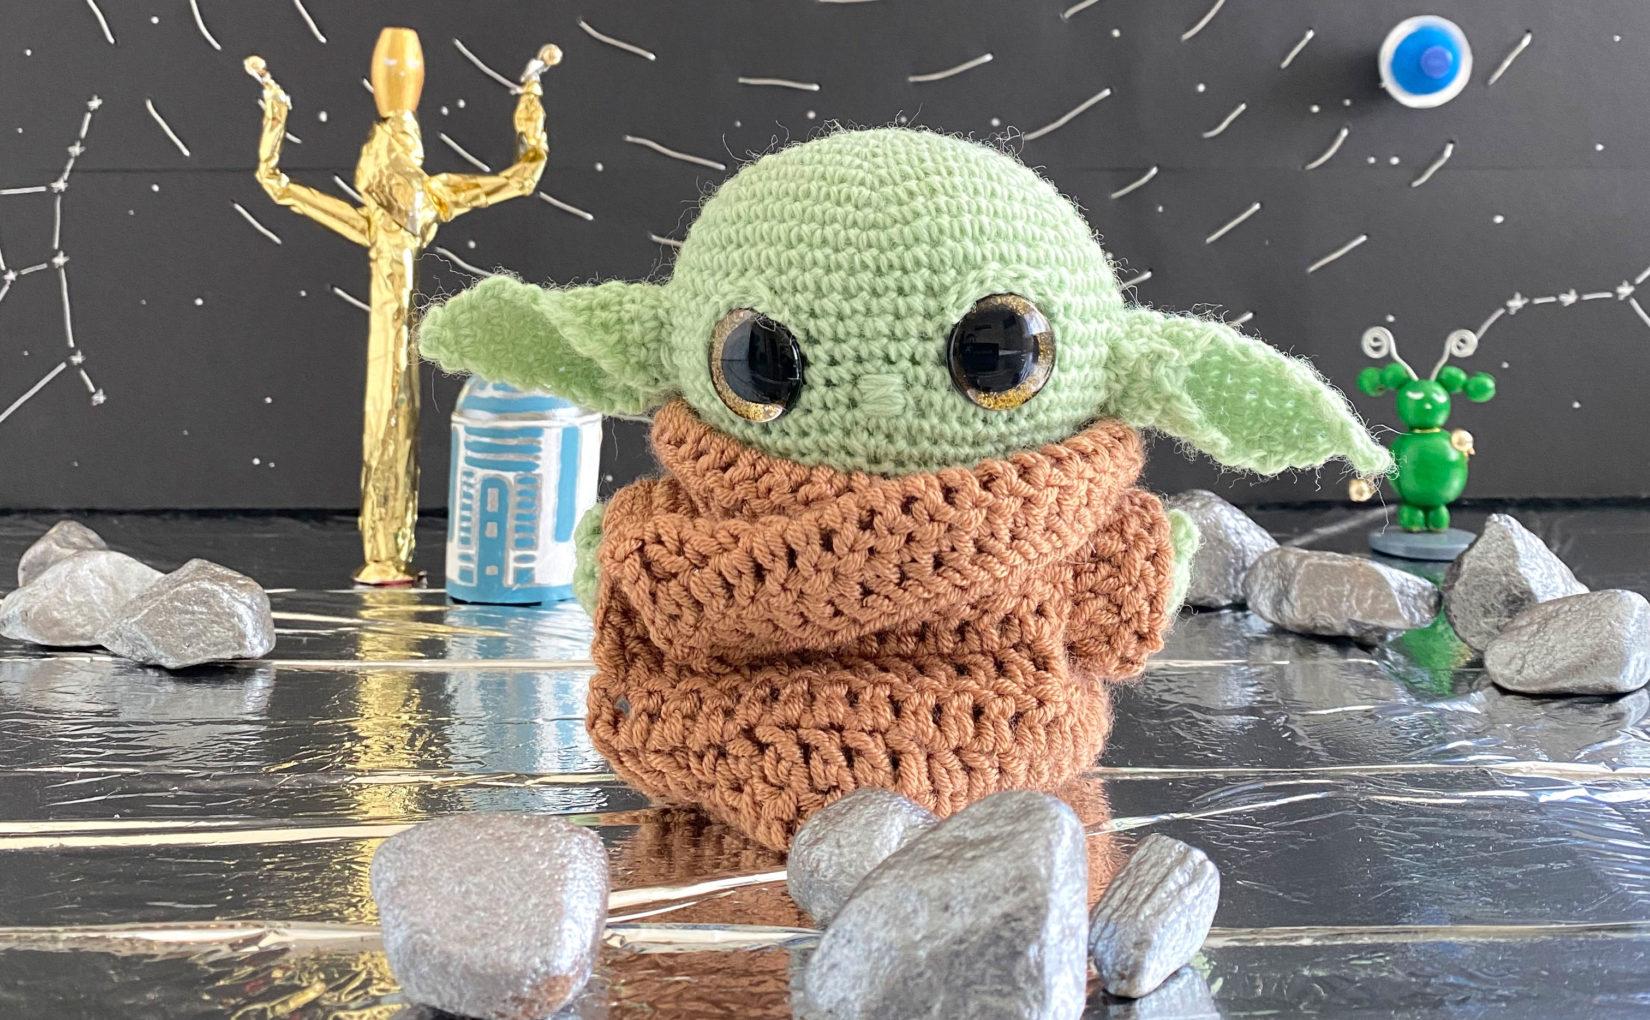 Little Yoda – Baby Yoda